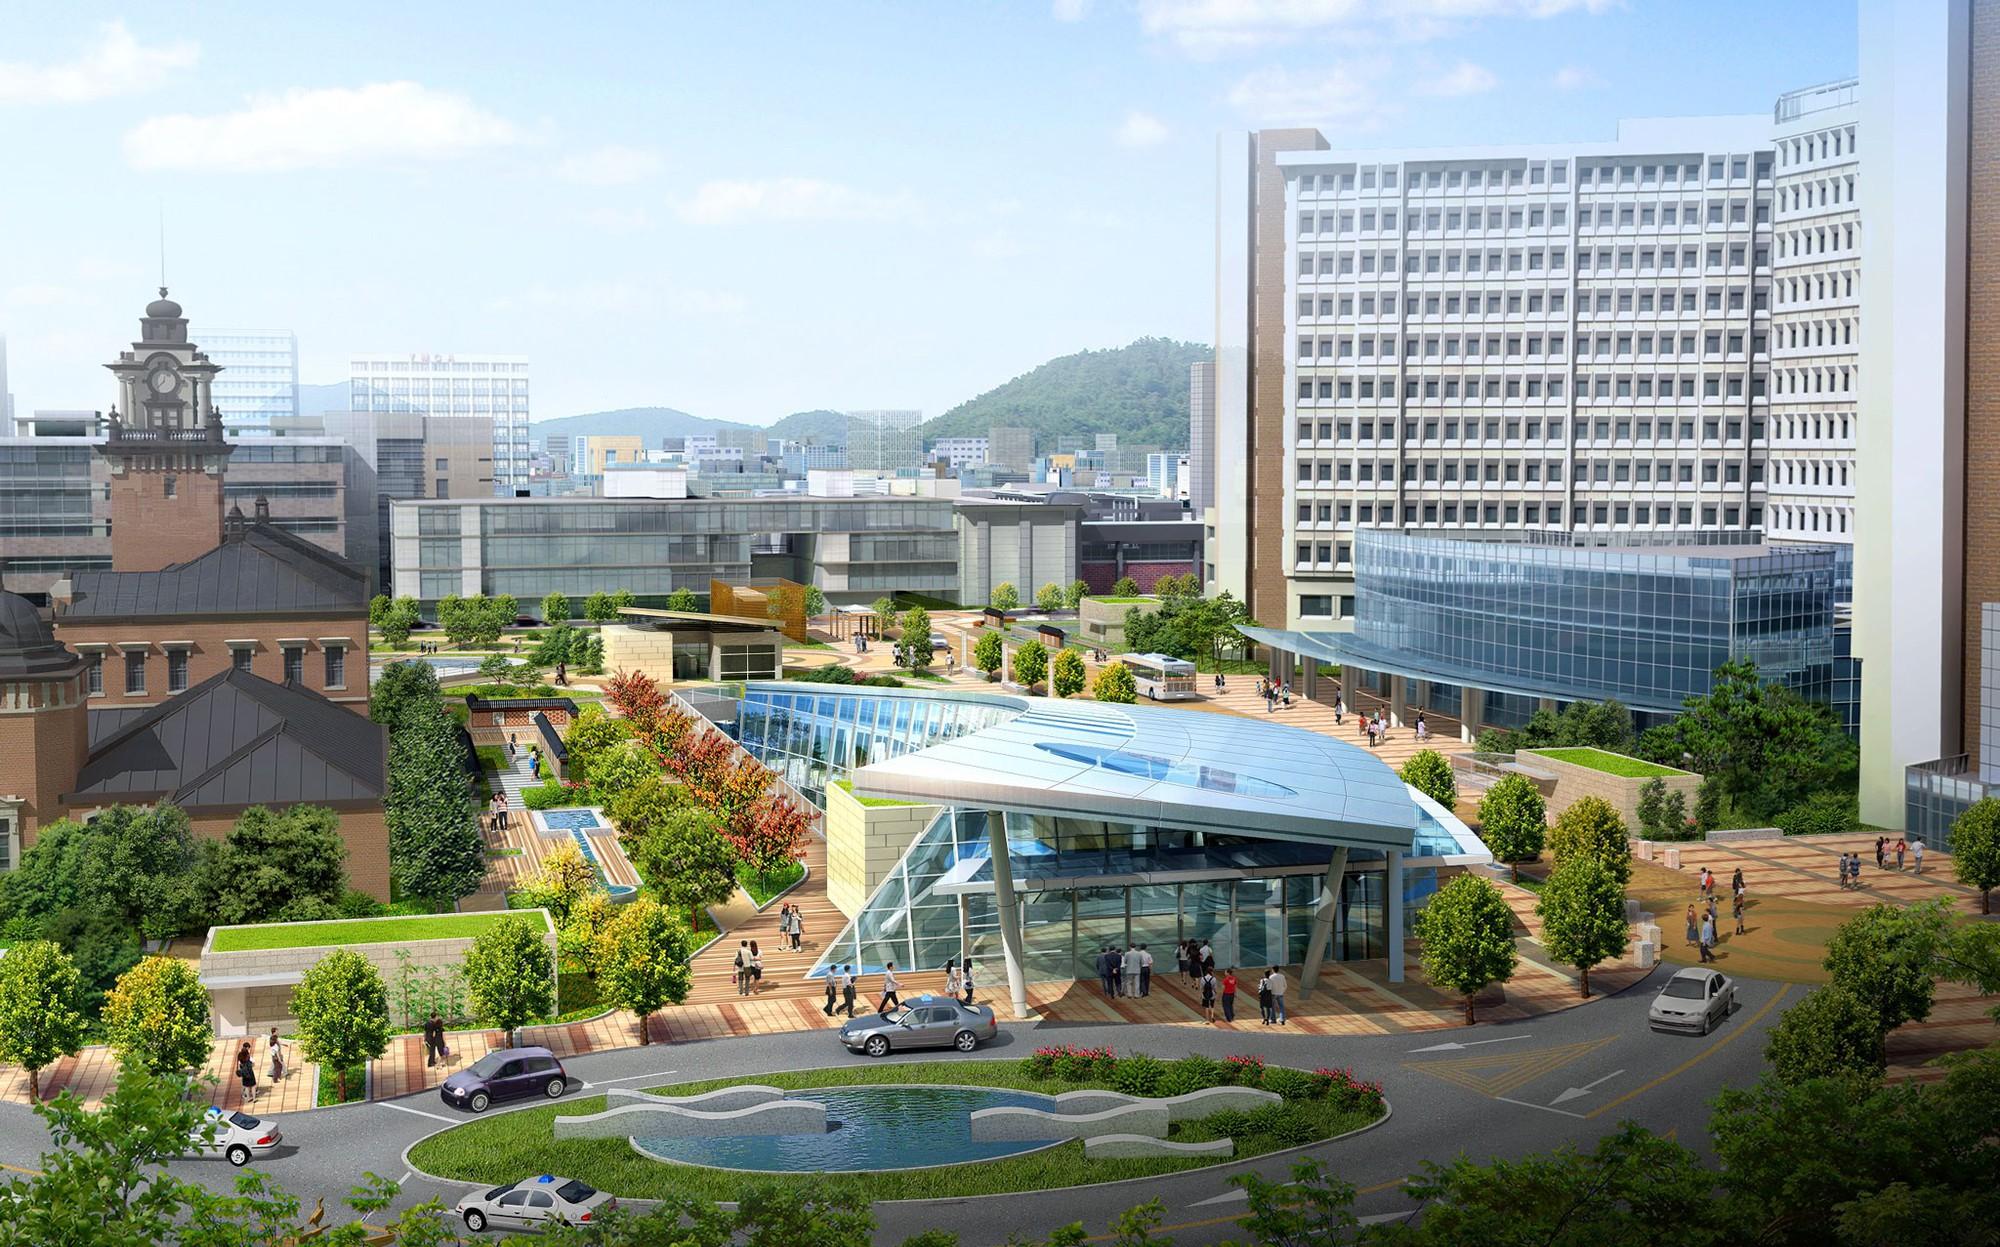 seoul-national-university-15396599129741486199615.jpg